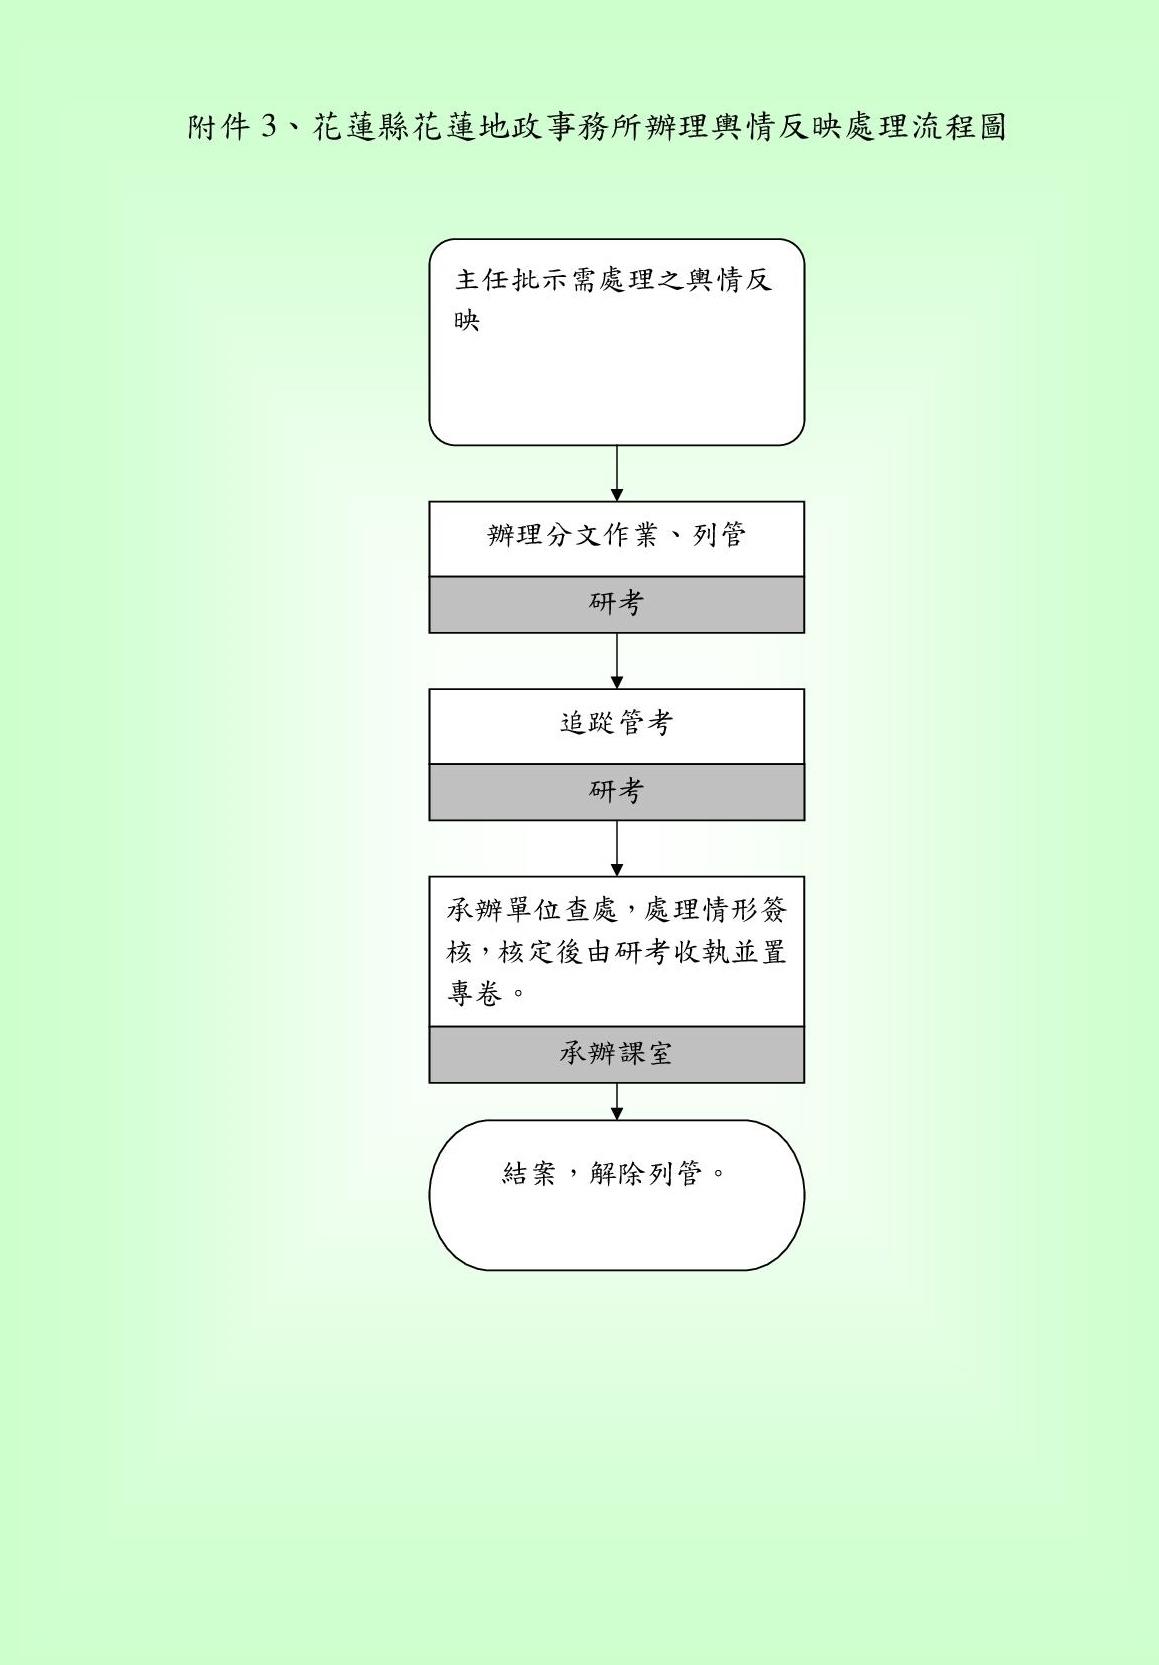 陳情案件處理標準作業流程圖(附件3)